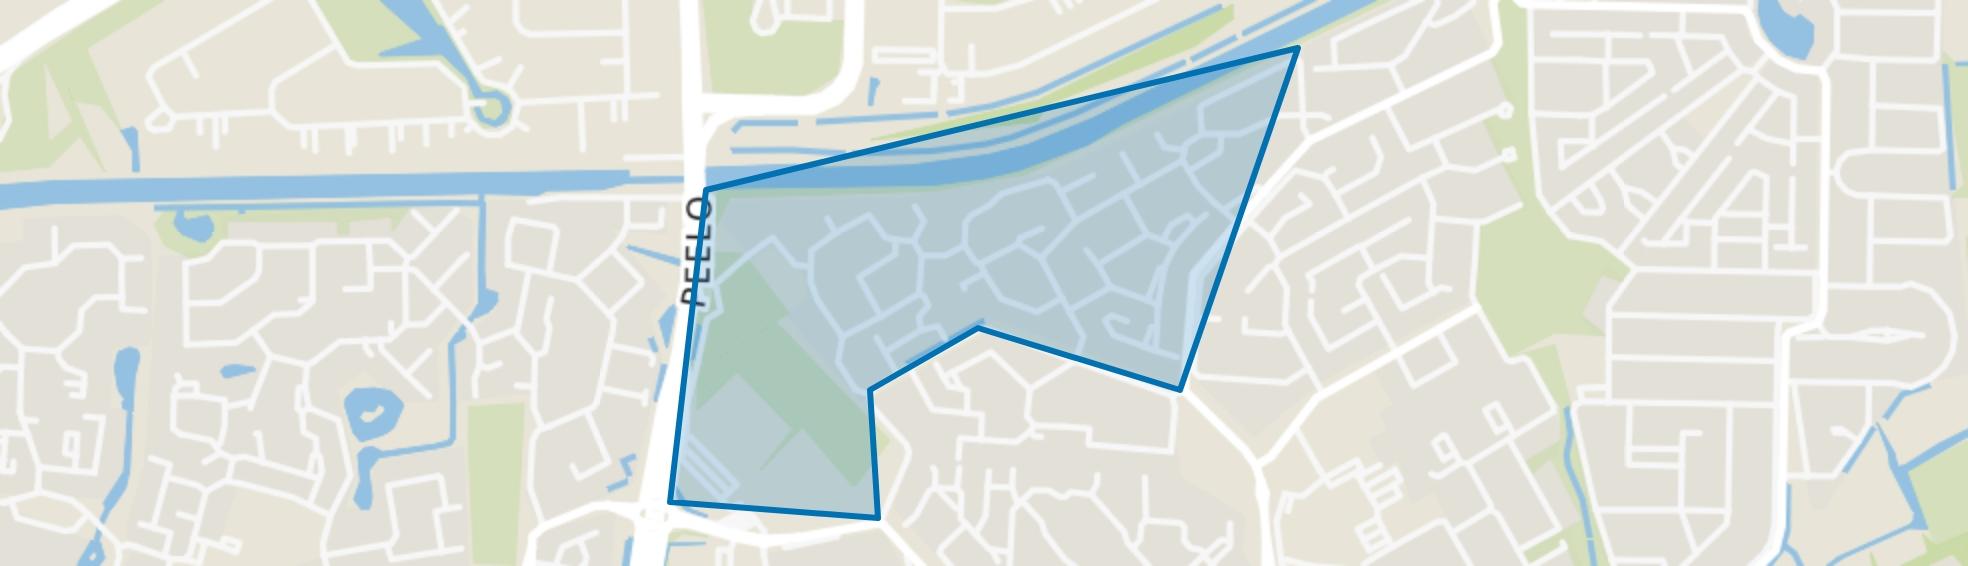 De Breeën, Assen map